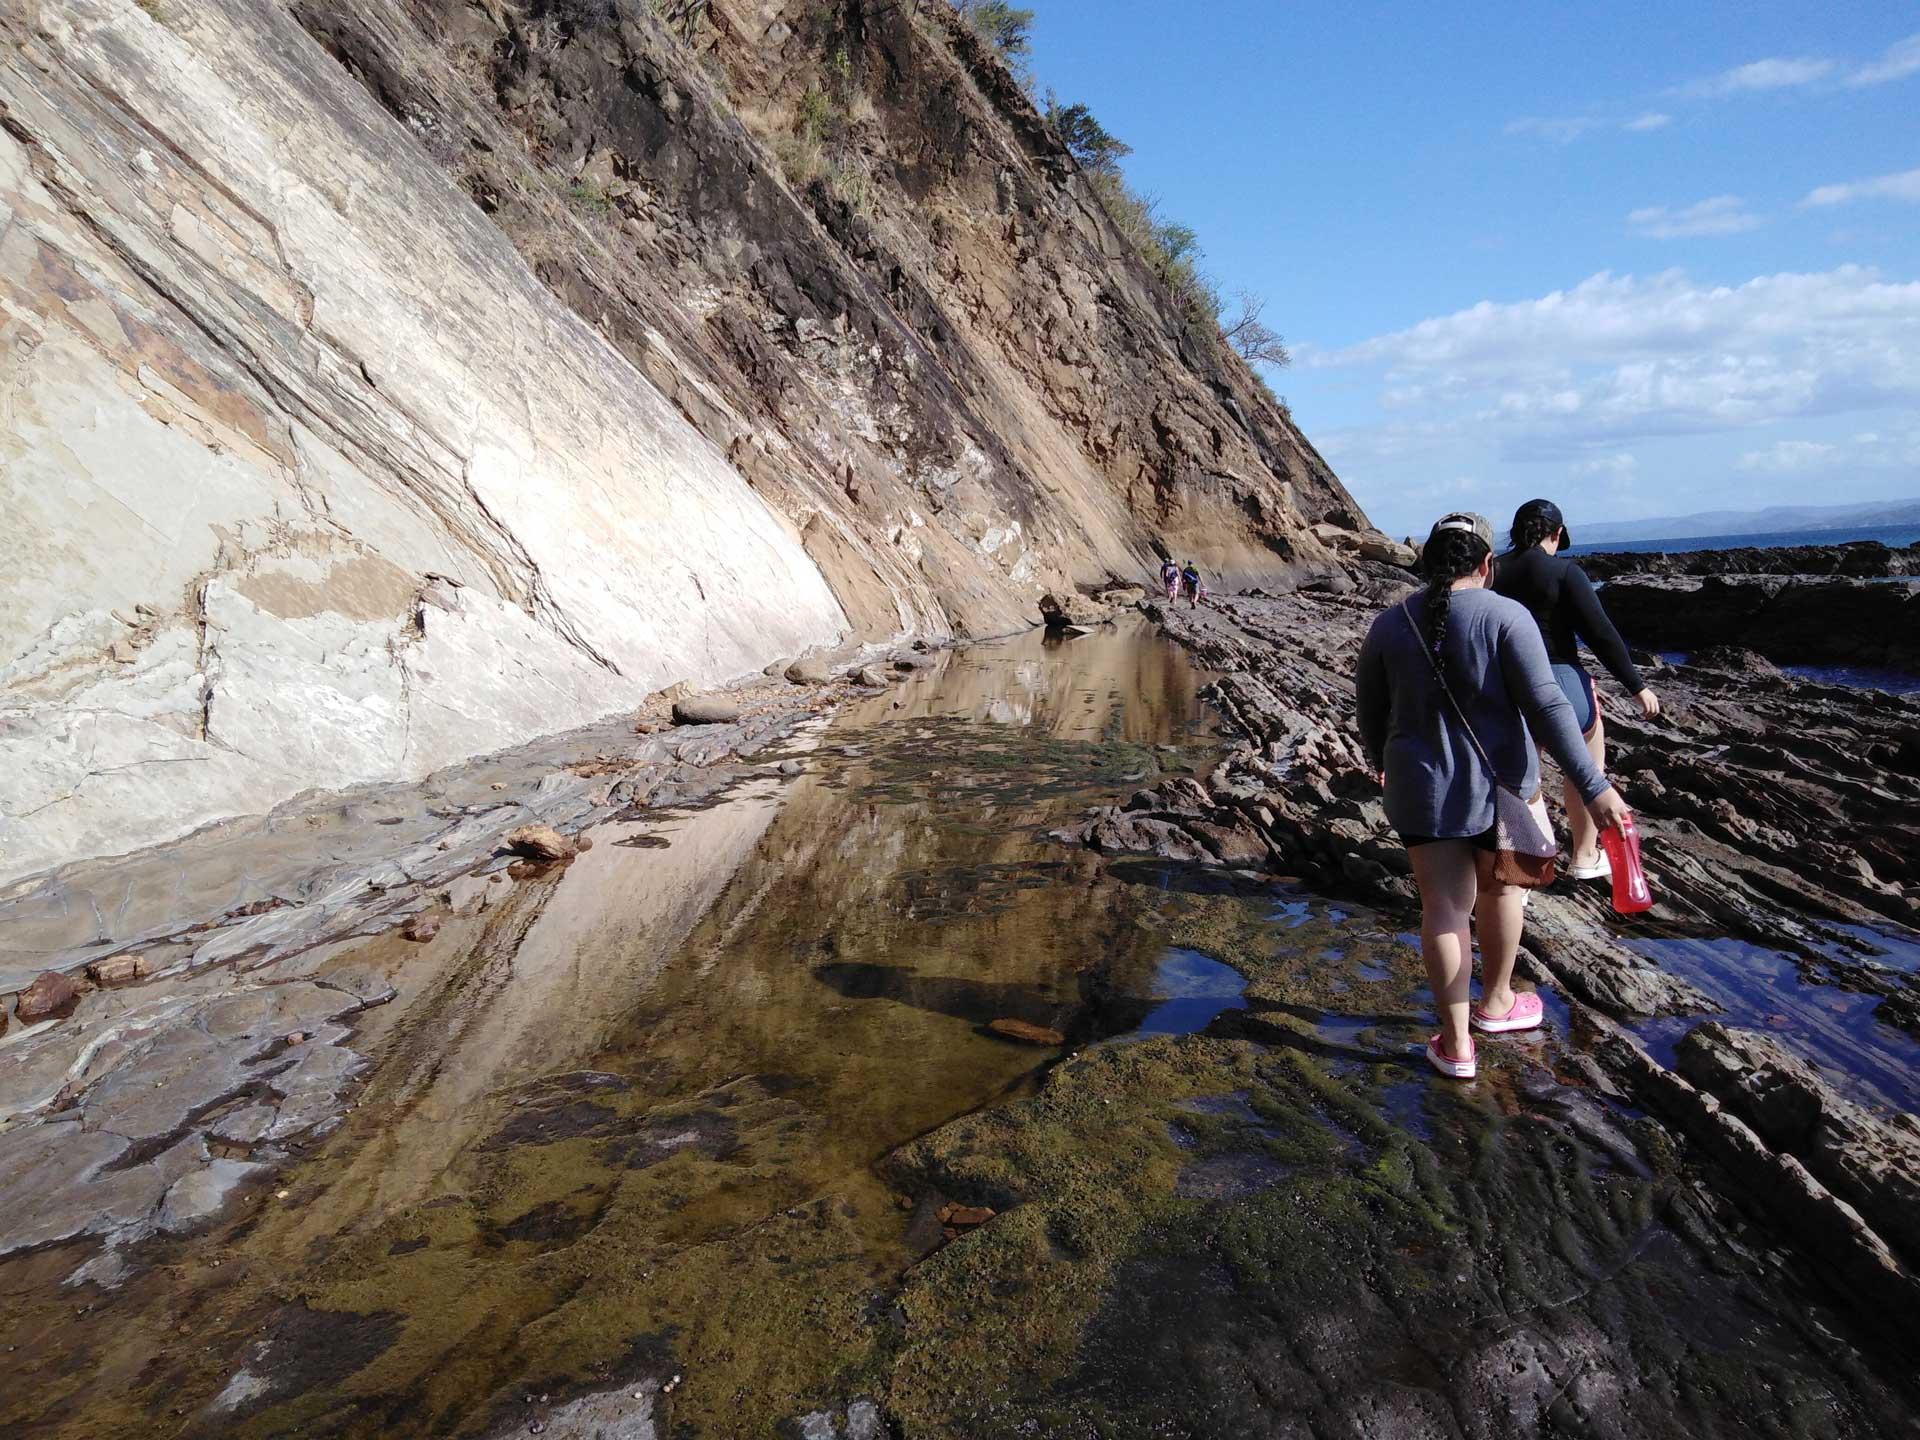 Columnas de rocas se elevan por encima de los 30 metros sobre el nivel del mar y forman un paisaje extremo.